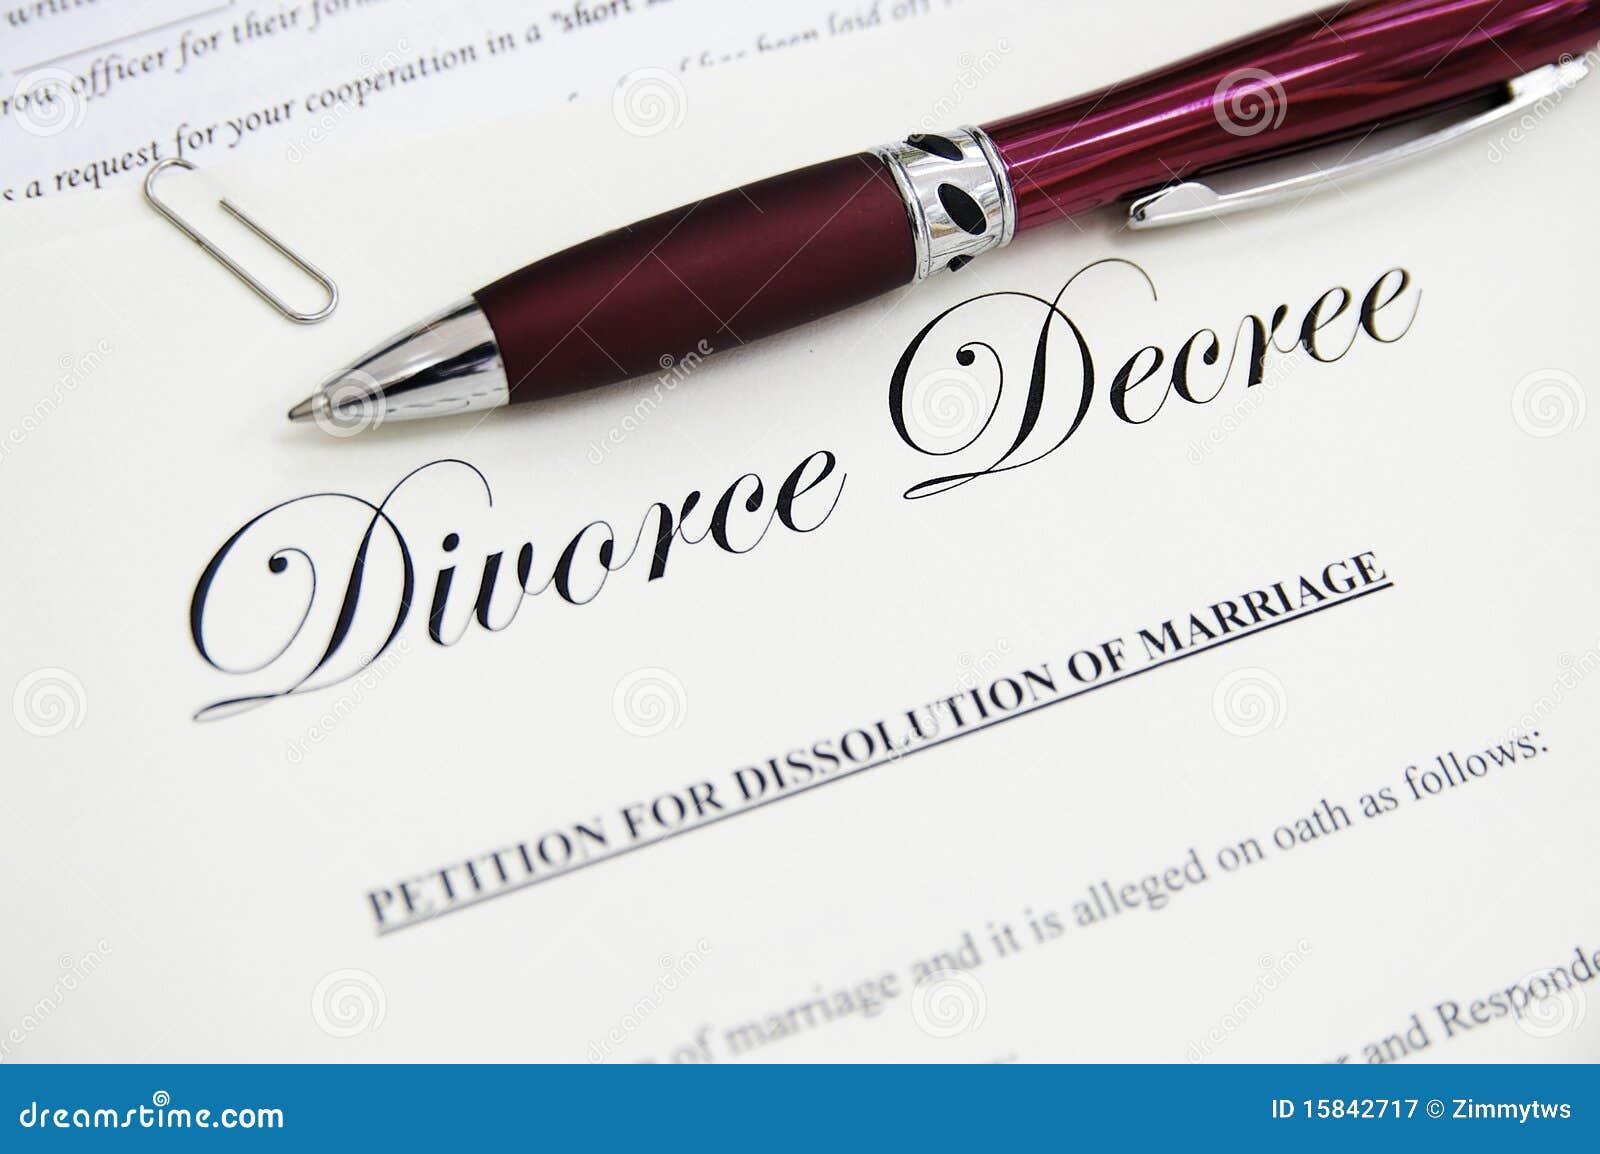 Documenti di divorzio